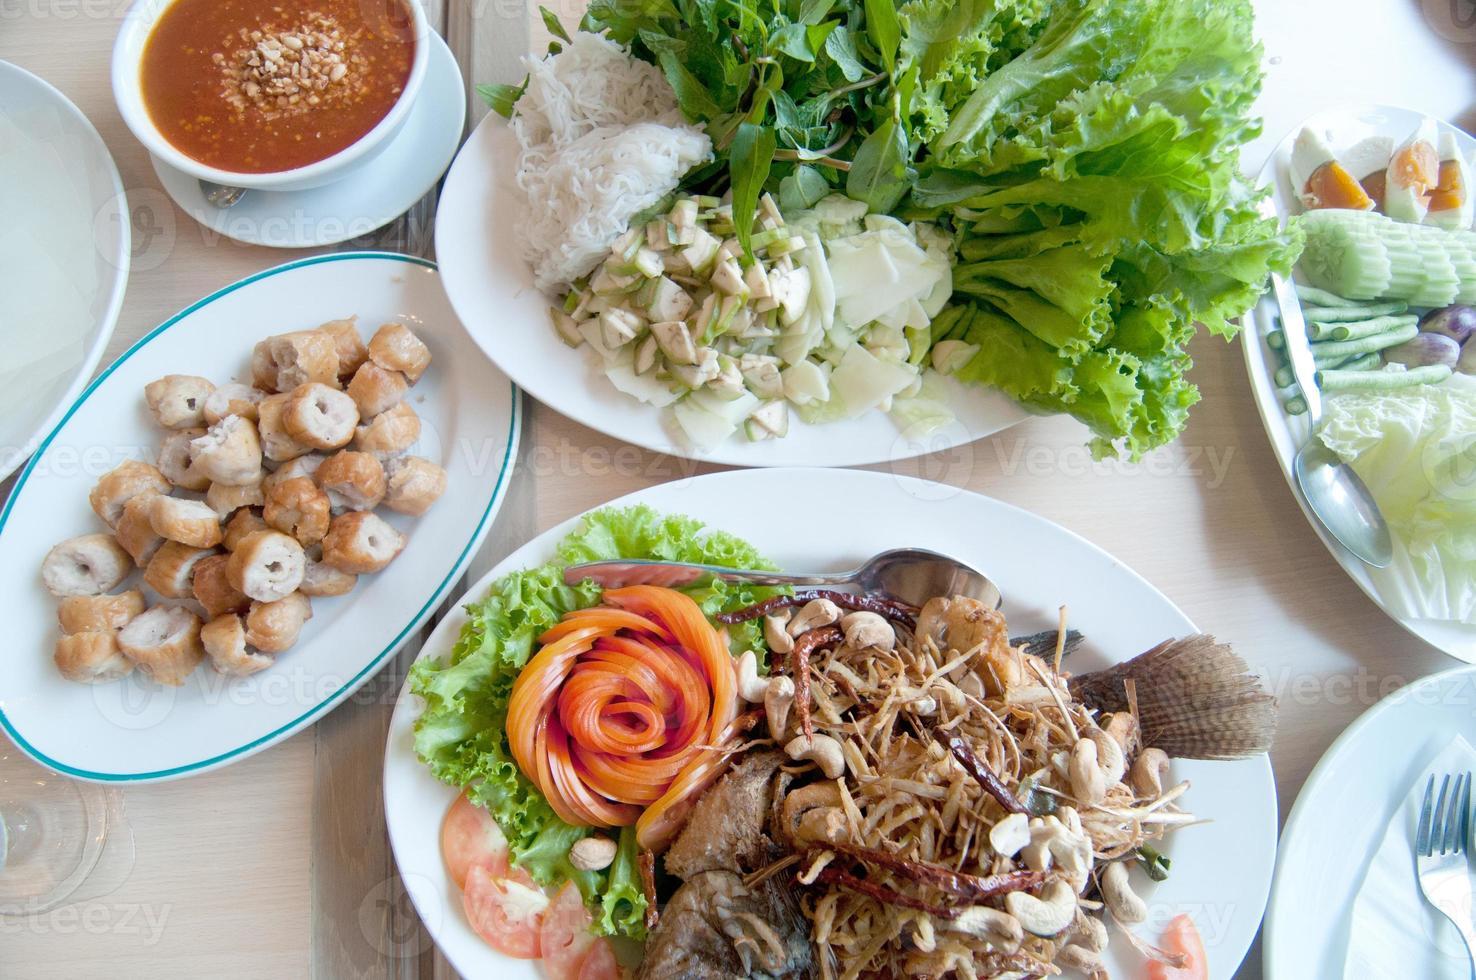 comida tailandesa en la mesa de comedor - pescado al horno, salsa de chile foto